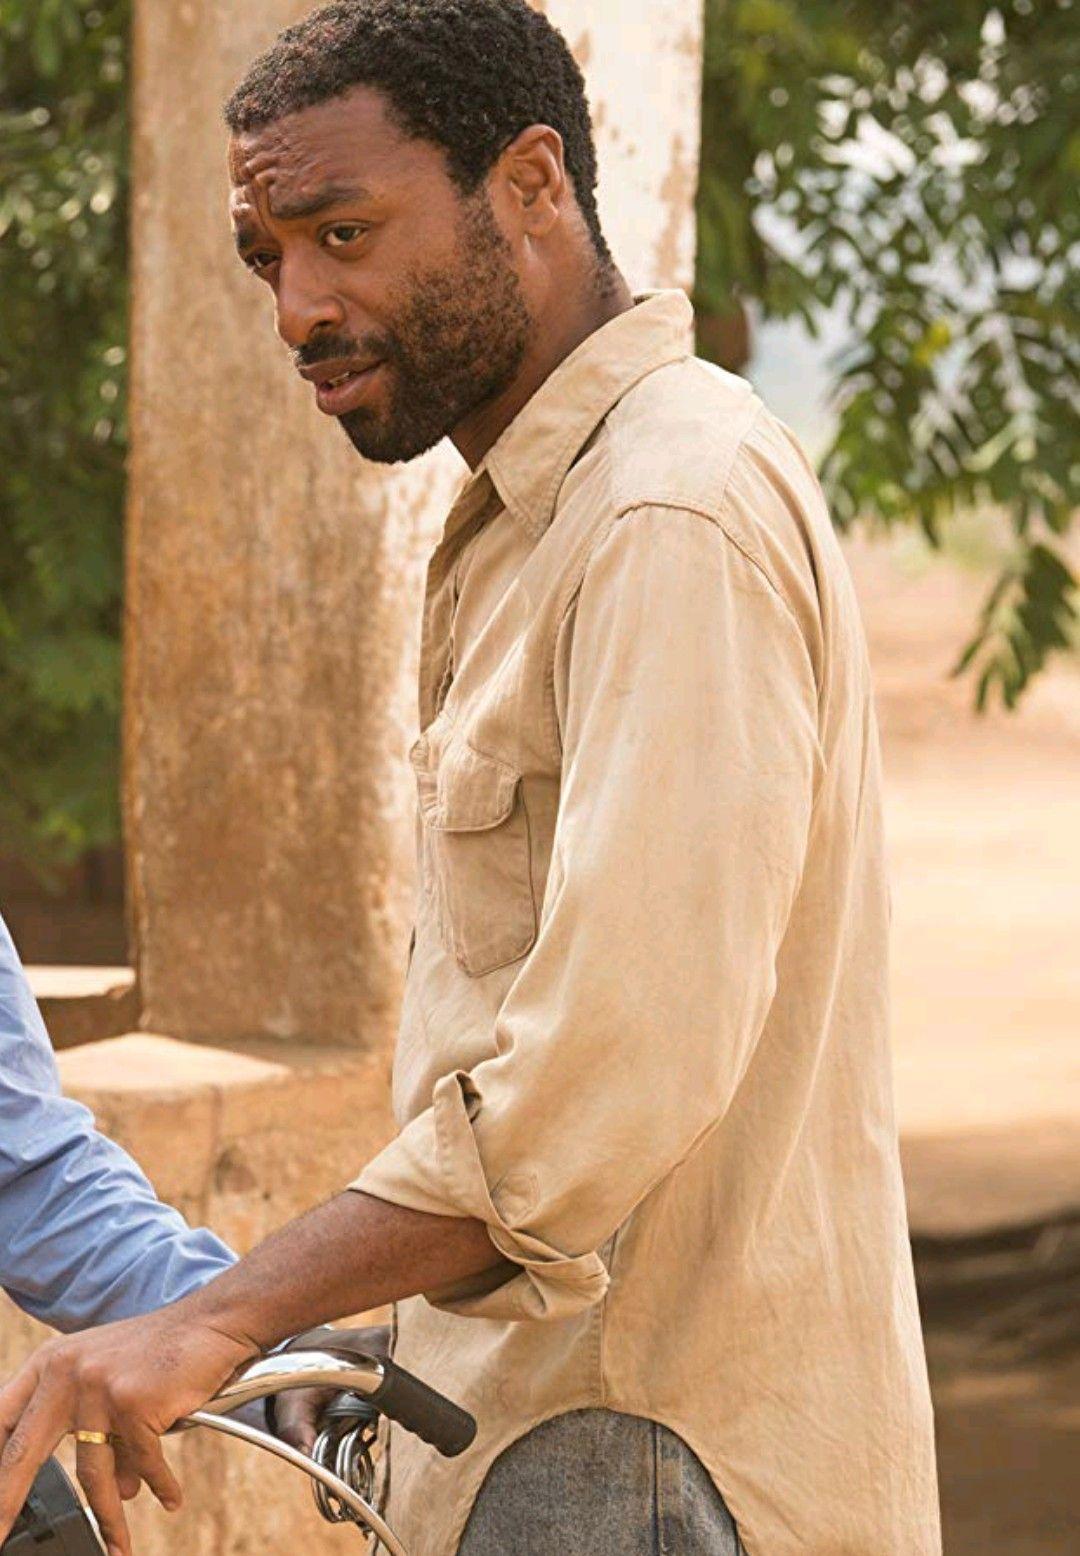 Chiwetel Ejiofor In El Nino Que Domo El Viento Couple Photos Actors El Nino